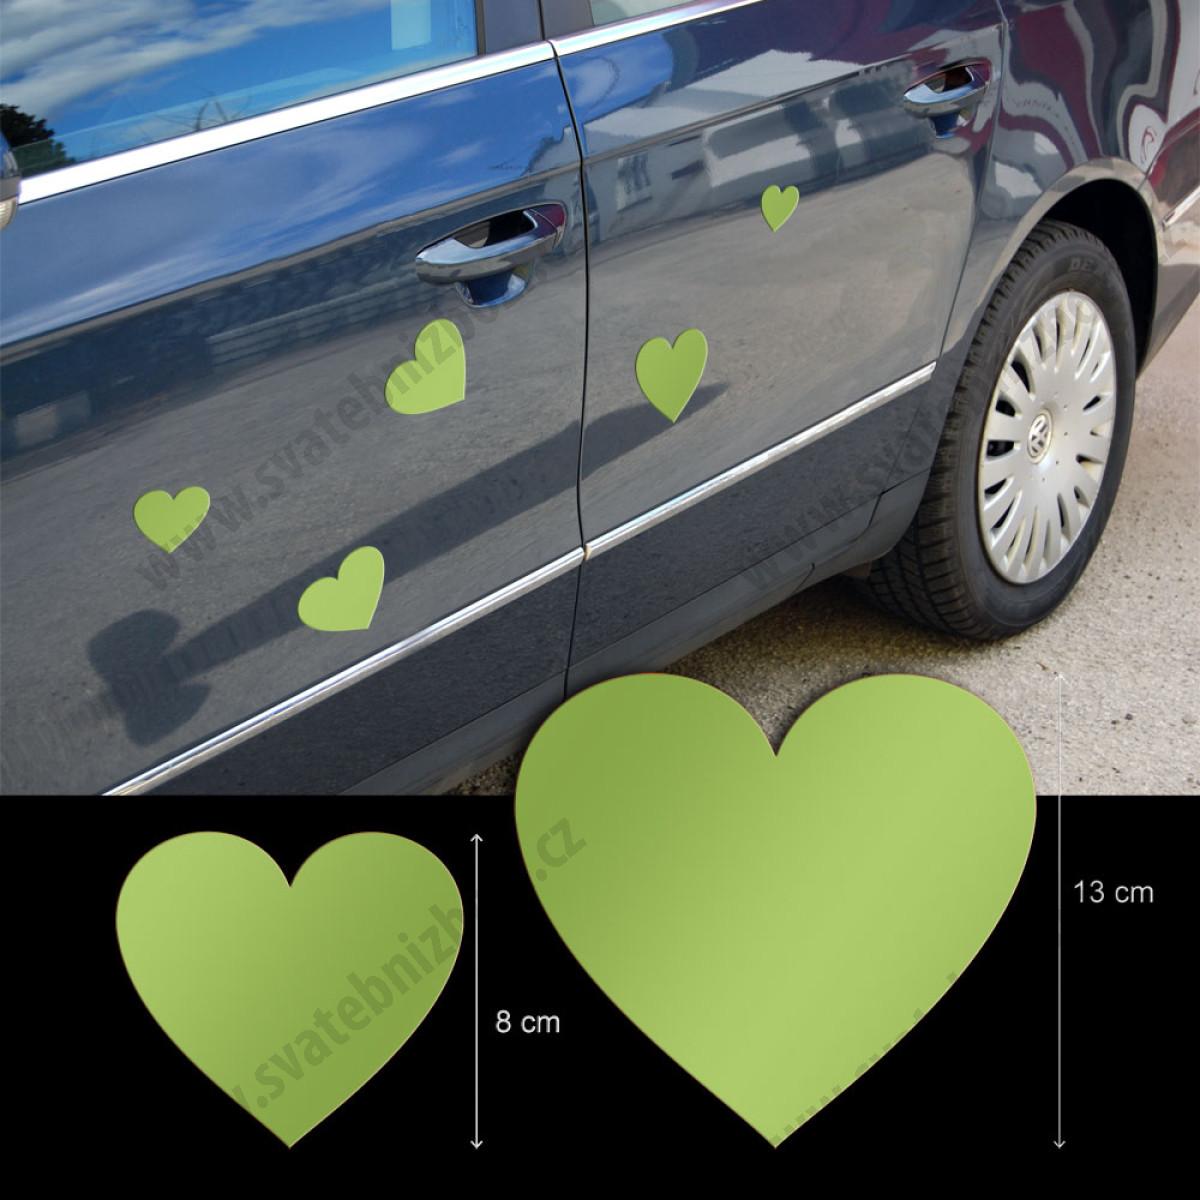 Srdicka Magneticka Zelena 5 Ks Bal Zelene Svatebni Dekorace